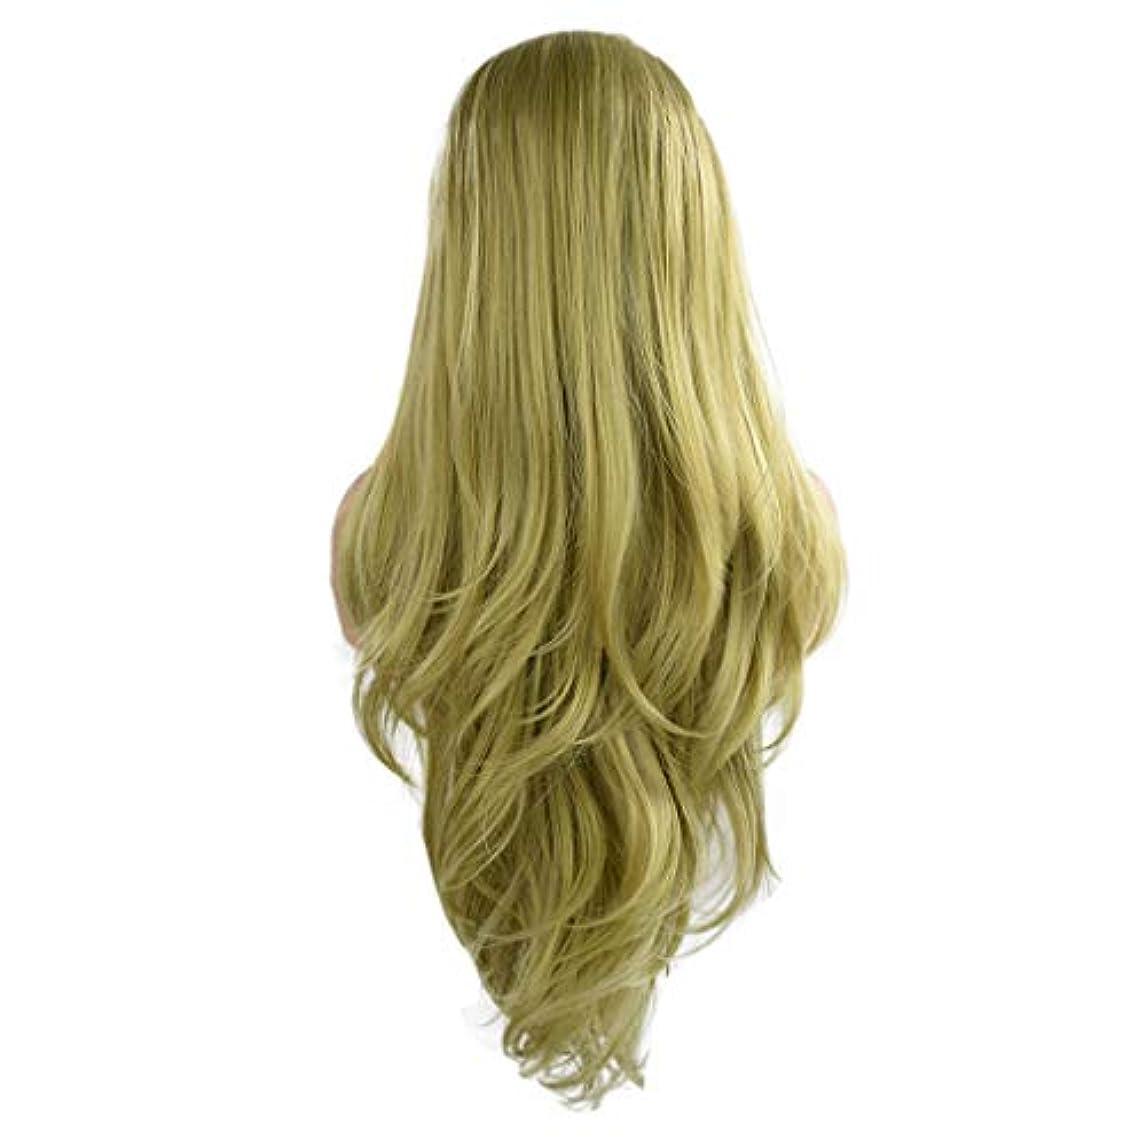 広告右扱いやすい女性の緑の長い巻き毛のフロントレースかつらファッションポップかつら24インチかつら